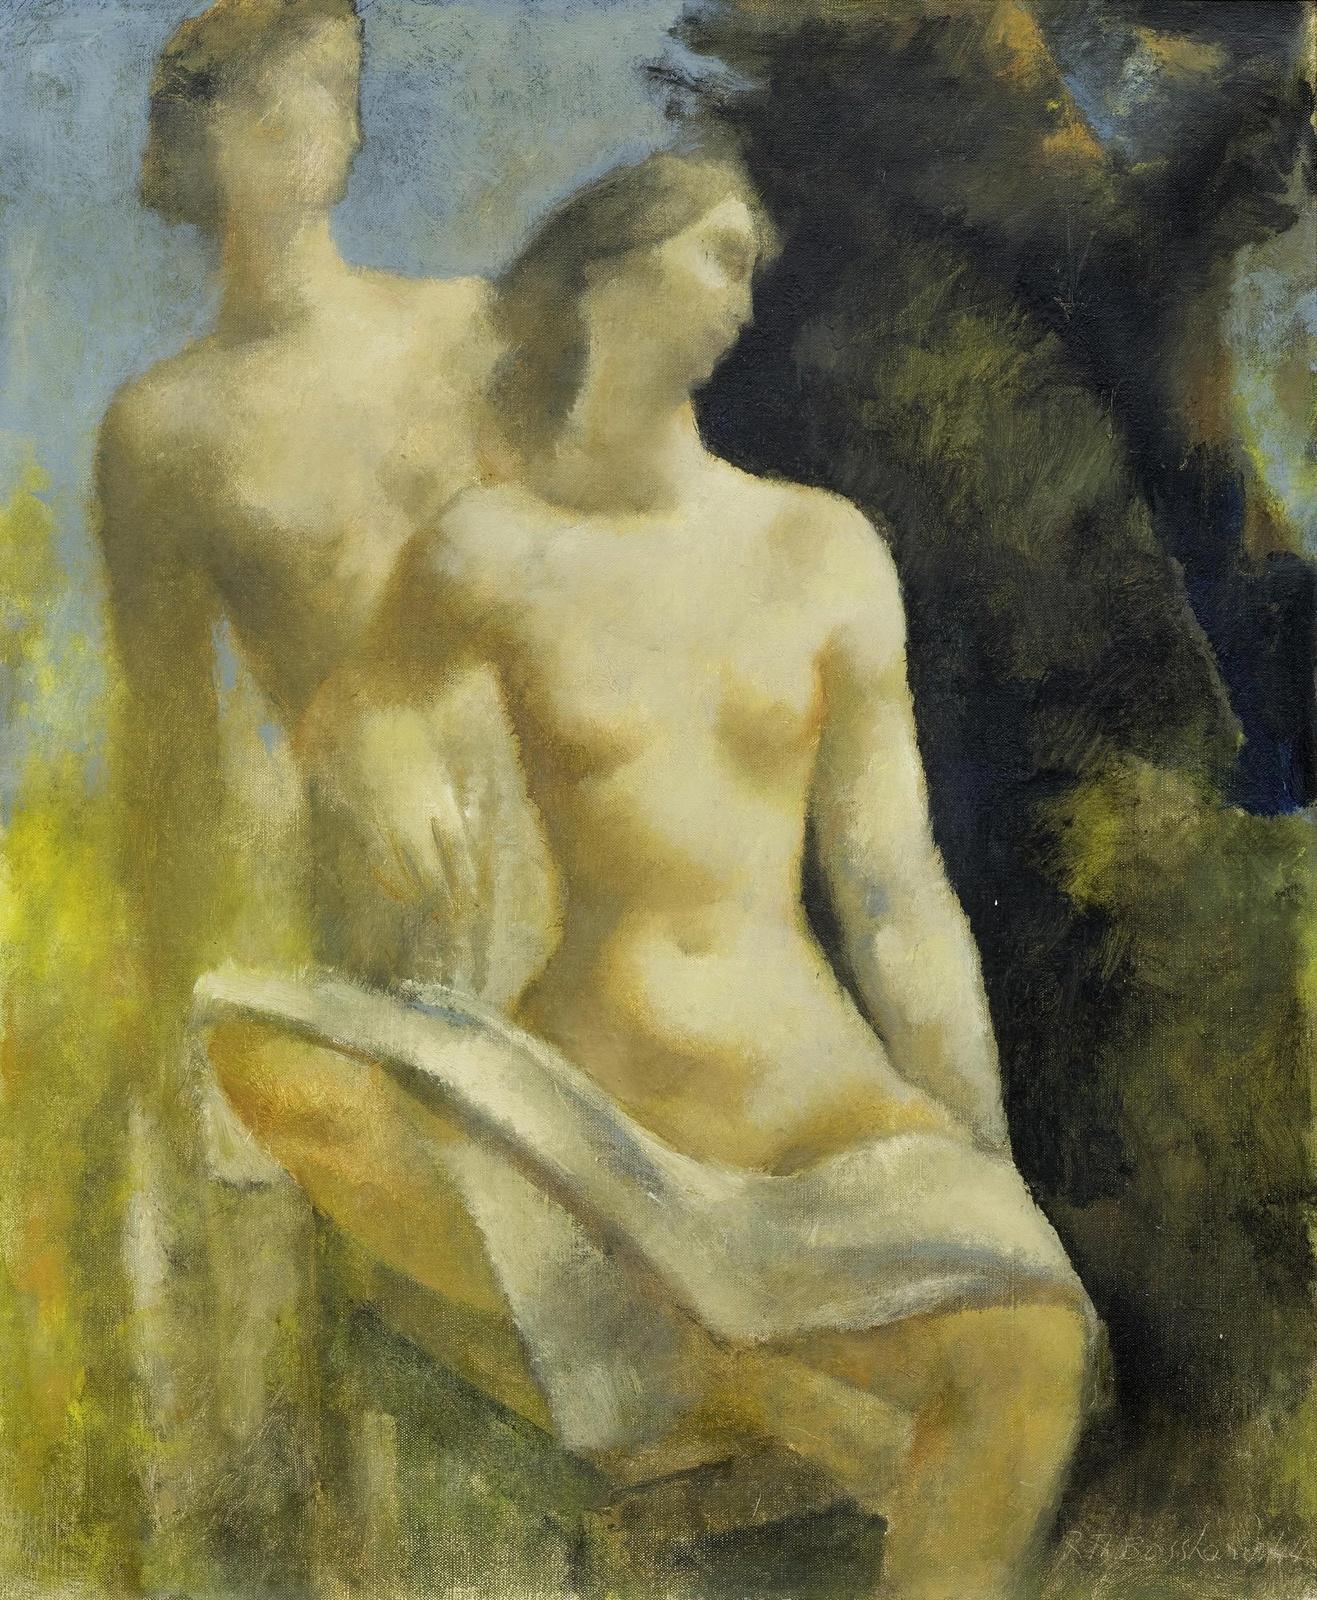 1944_Обнаженные (Female nudes, seated and standing)_54.6 x 45.7_х.,м._Частное собрание.jpg